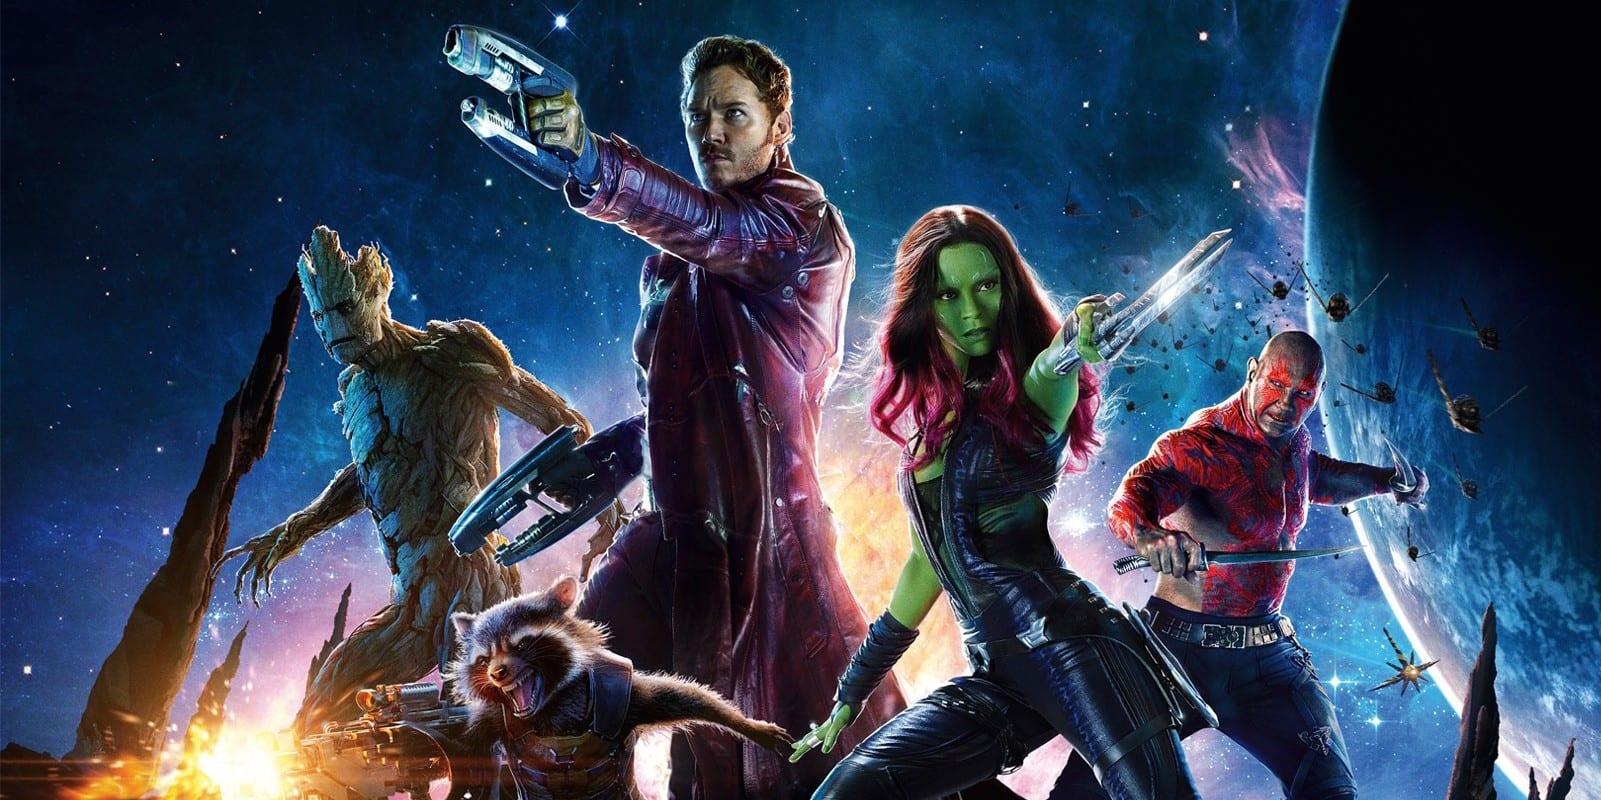 Les Gardiens de la Galaxy Marvel Leaked News My Geek Actu.jpg